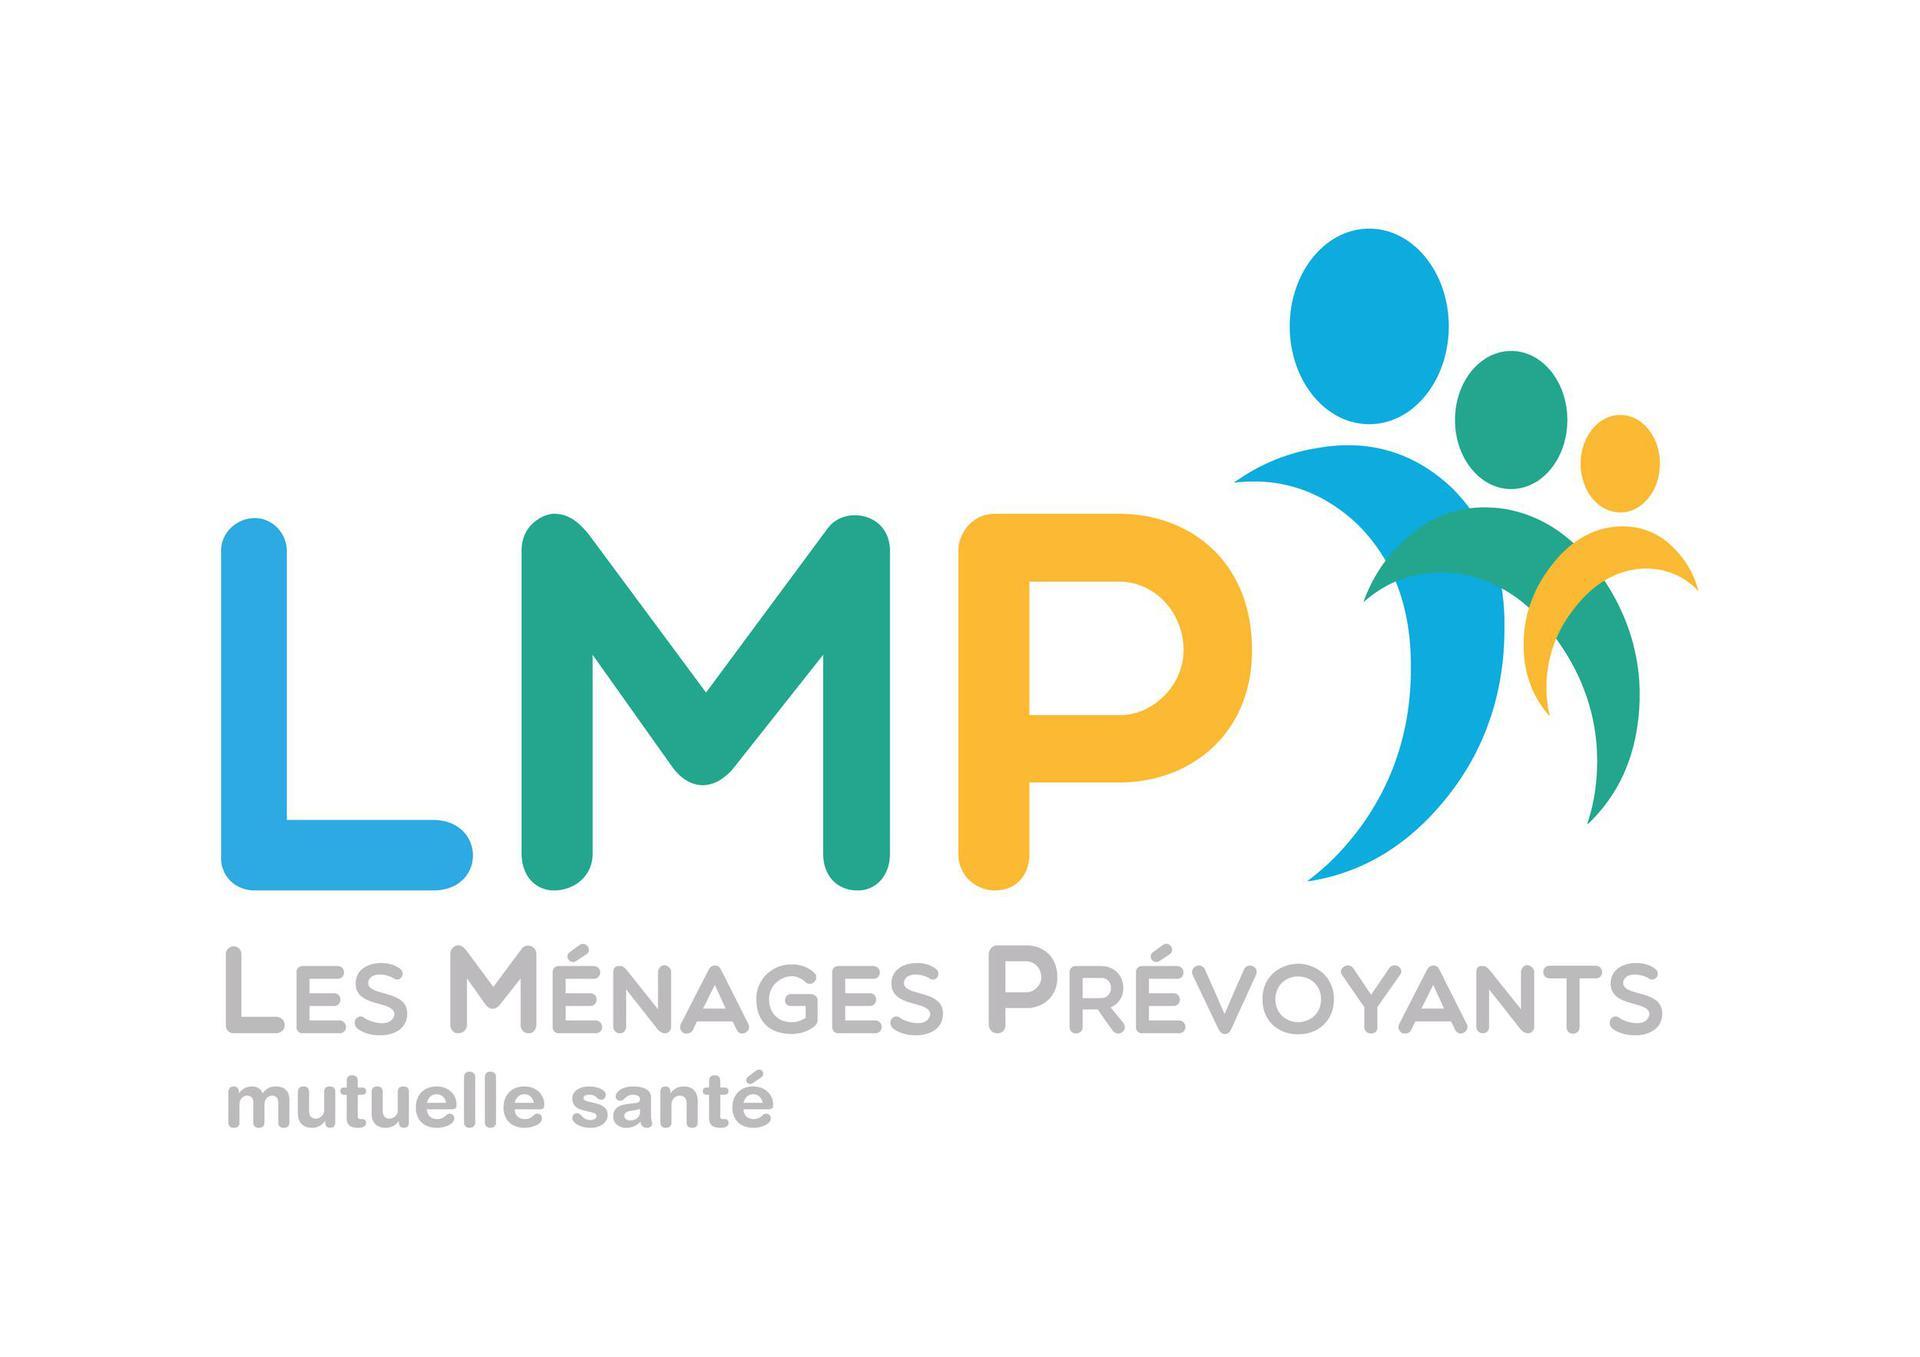 MUTUELLE LES MENAGES PREVOYANTS LMP Mutuelle Assurances